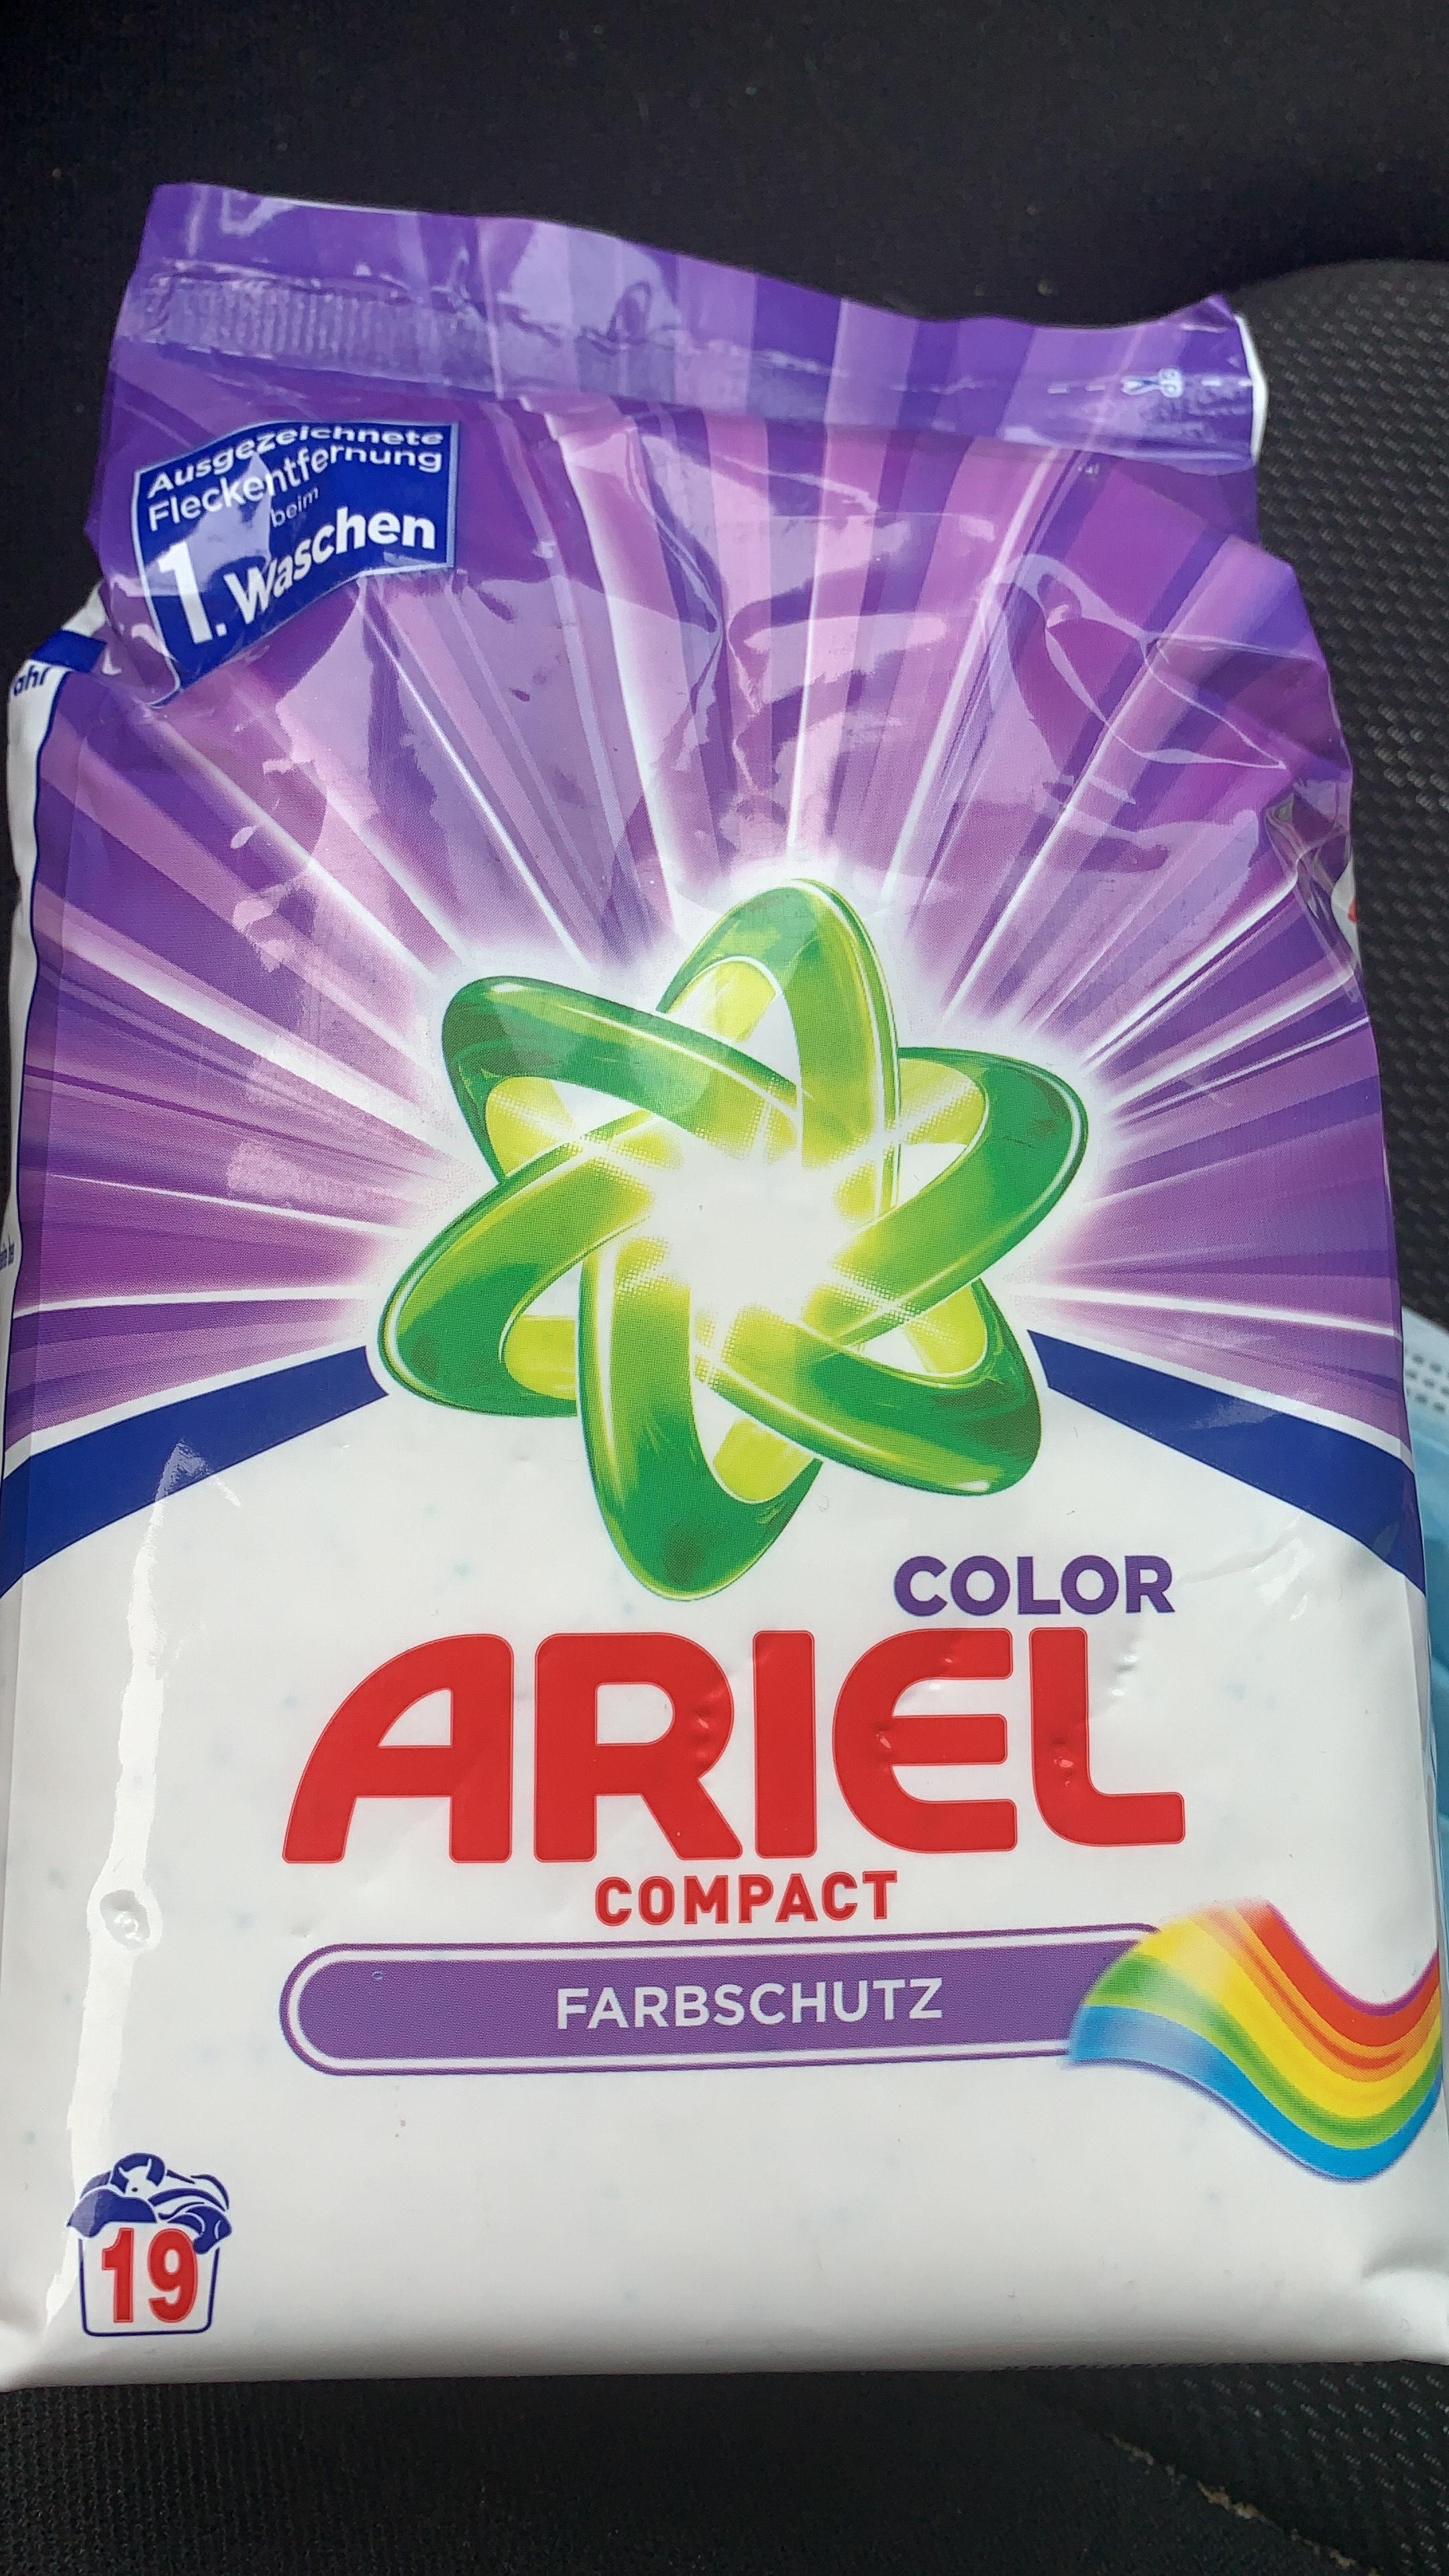 Ariel für 0,79€ bei Netto mit Ariel 19 WL für Buntes. Coupon